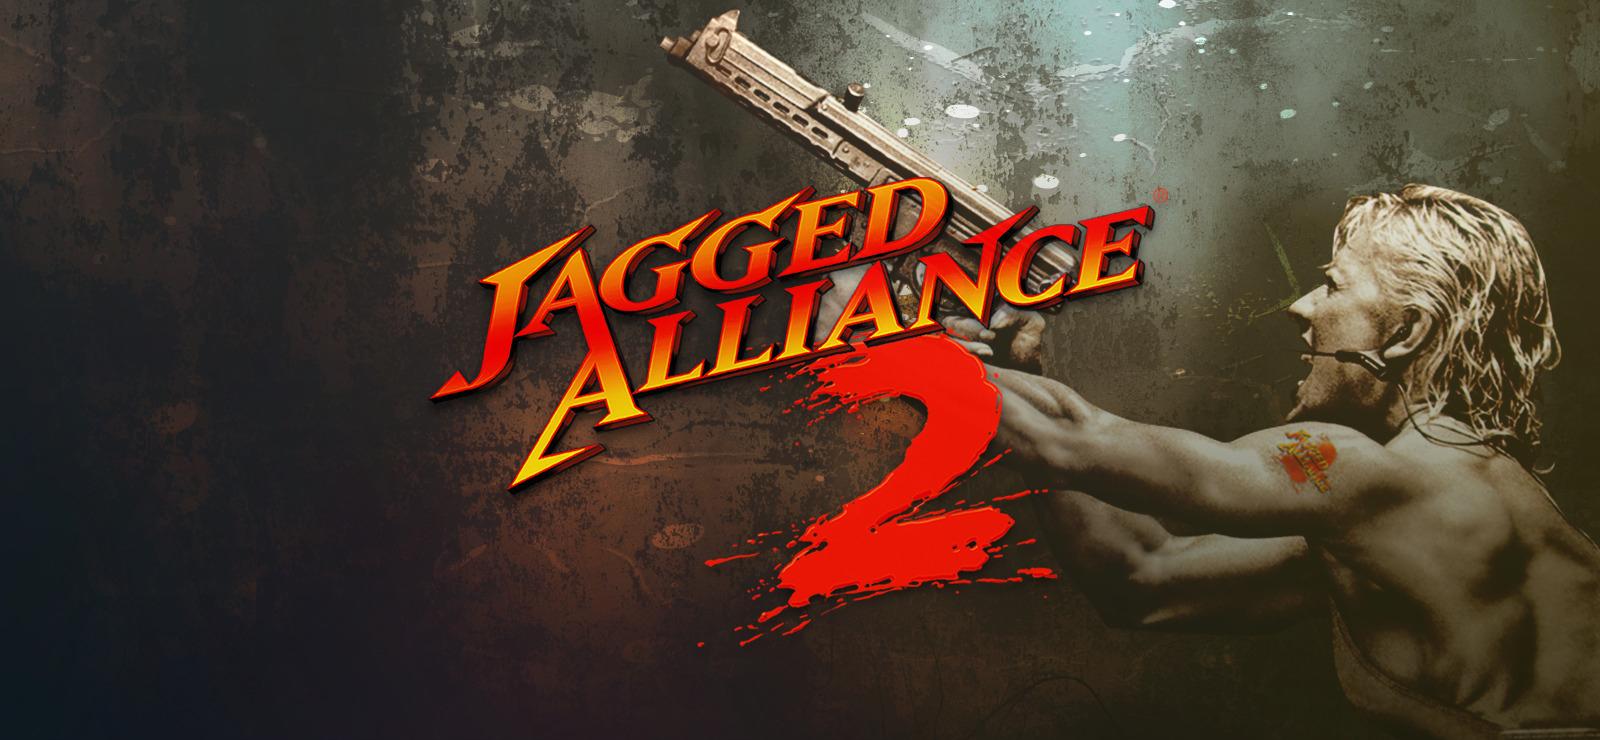 Elliot Sie Schwachkopf! - Jagged Alliance 2 für 1,69€ und Jagged Alliance 1 für 0,49€ bei GOG